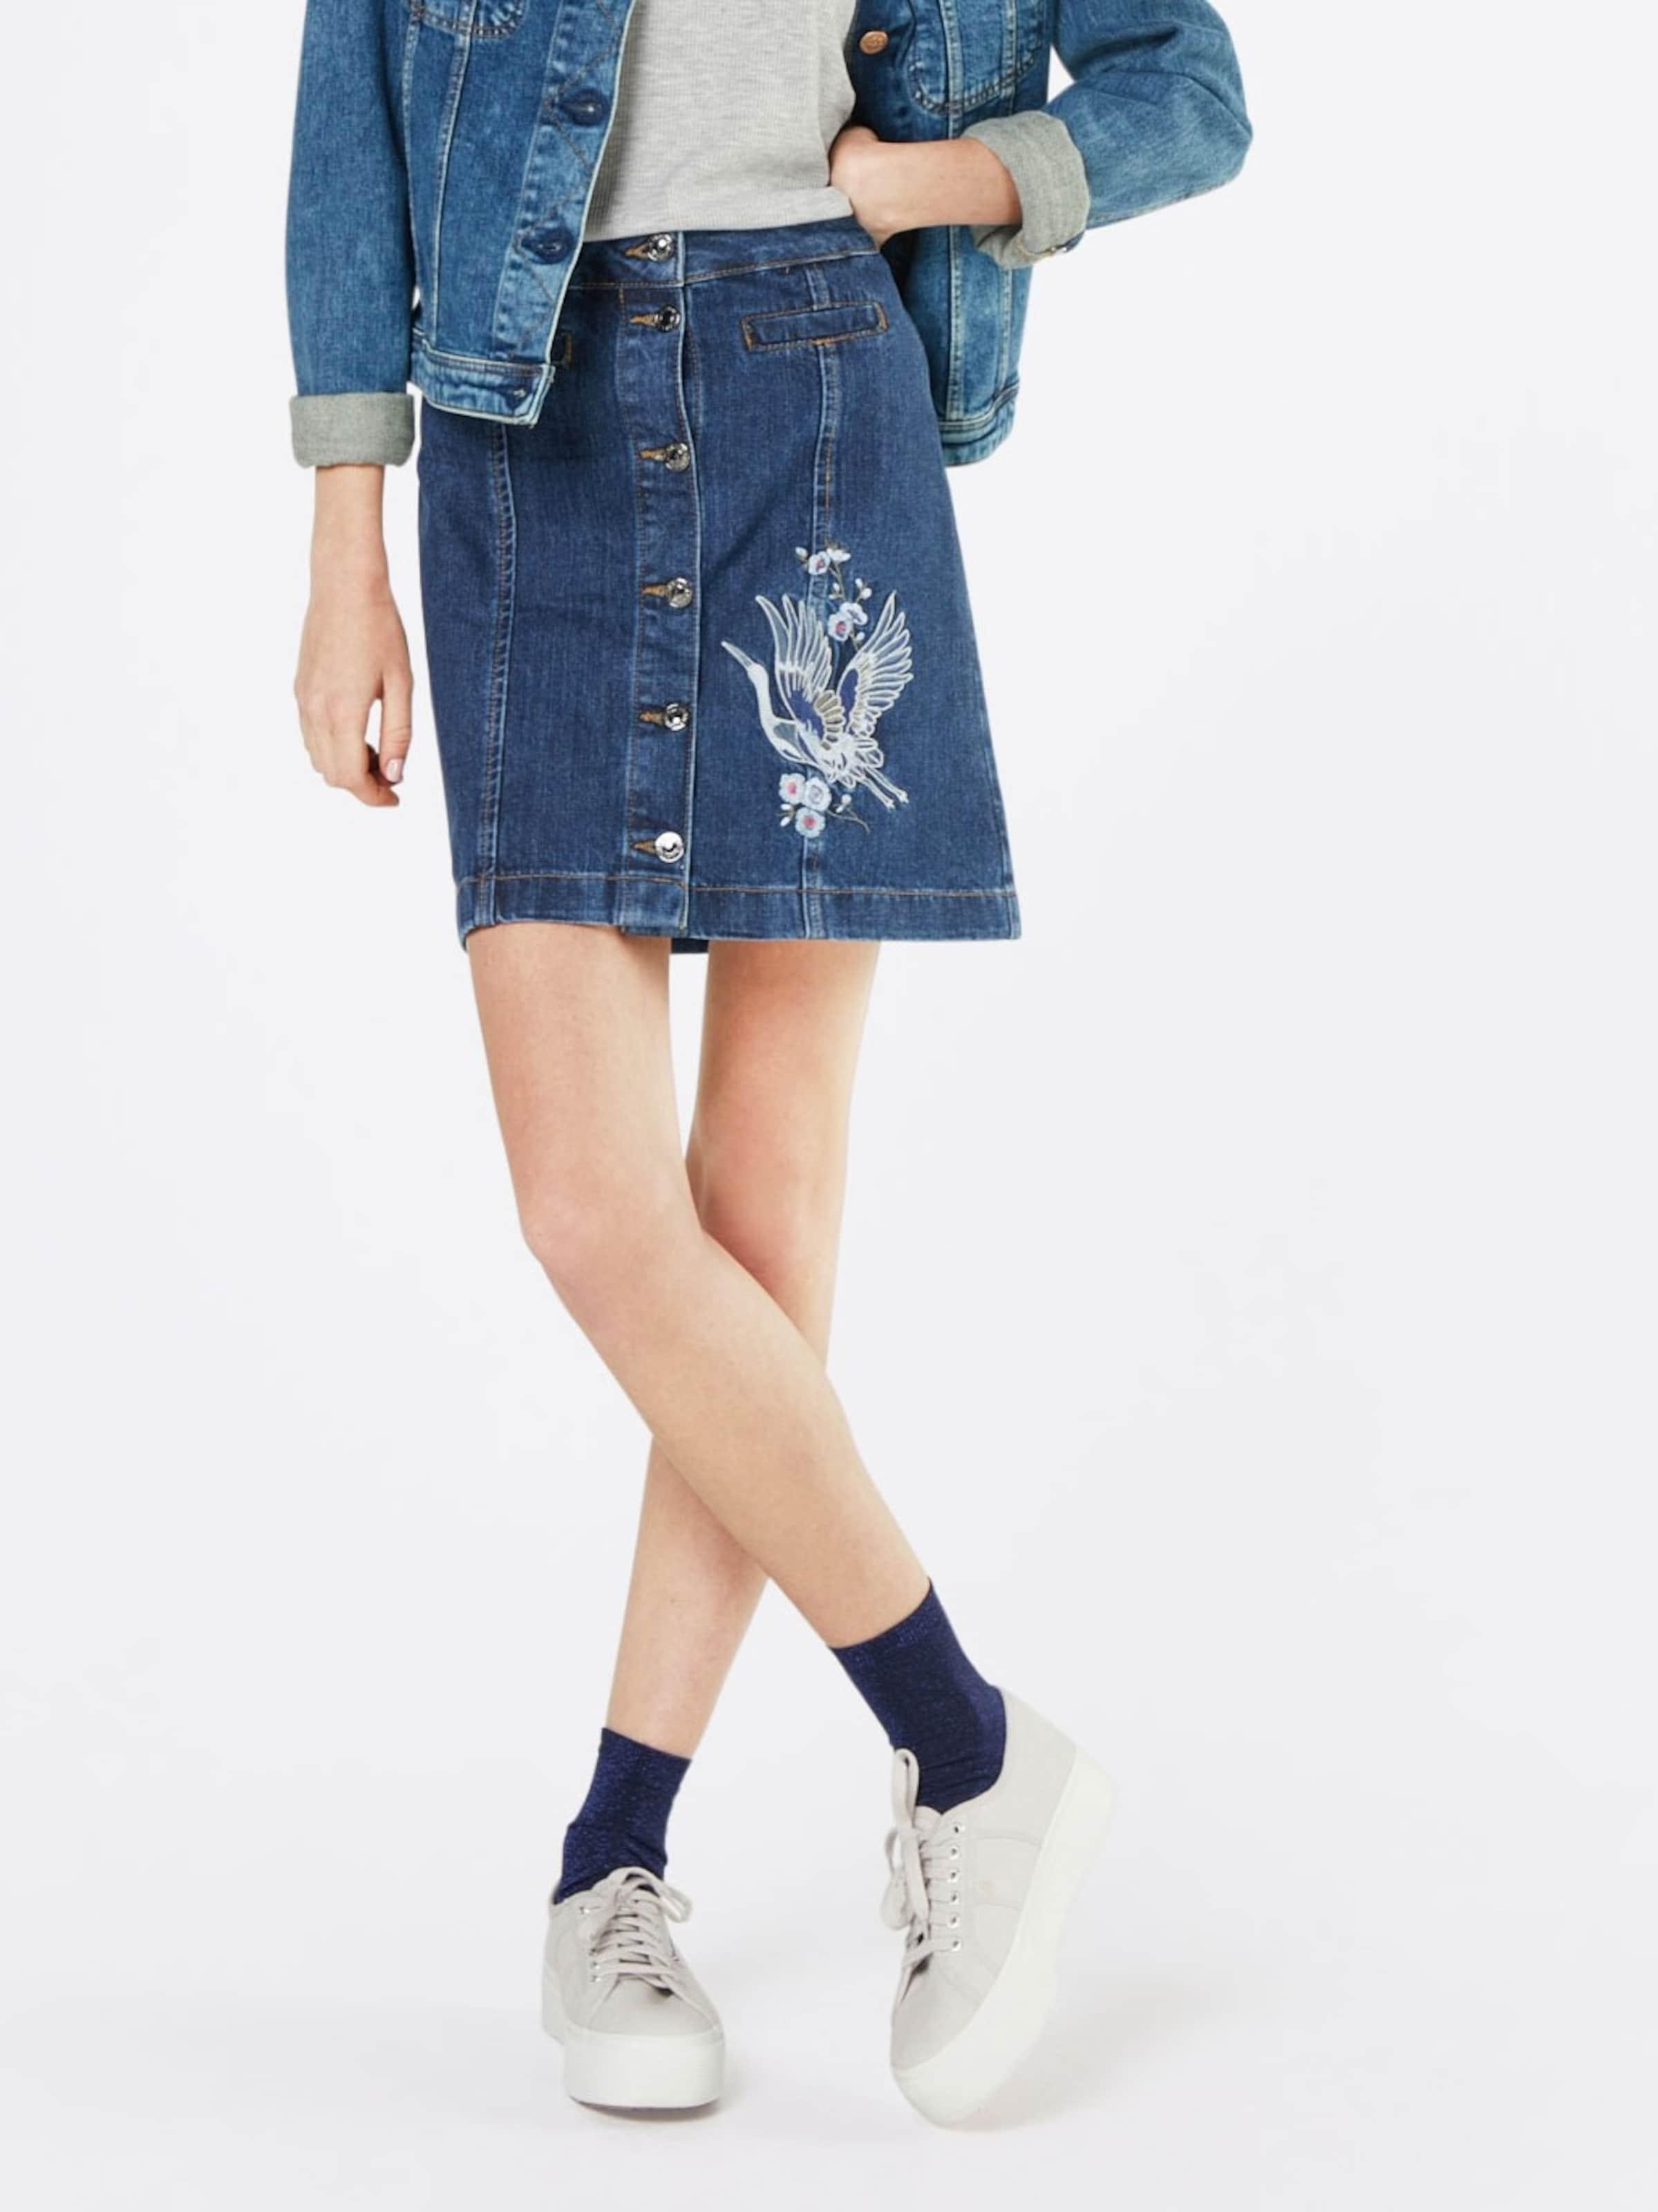 Billig Verkauf Mit Mastercard Größte Anbieter TOM TAILOR DENIM Jeans Rock mit Stickerei Besuchen Sie Günstig Online LieVOV2z